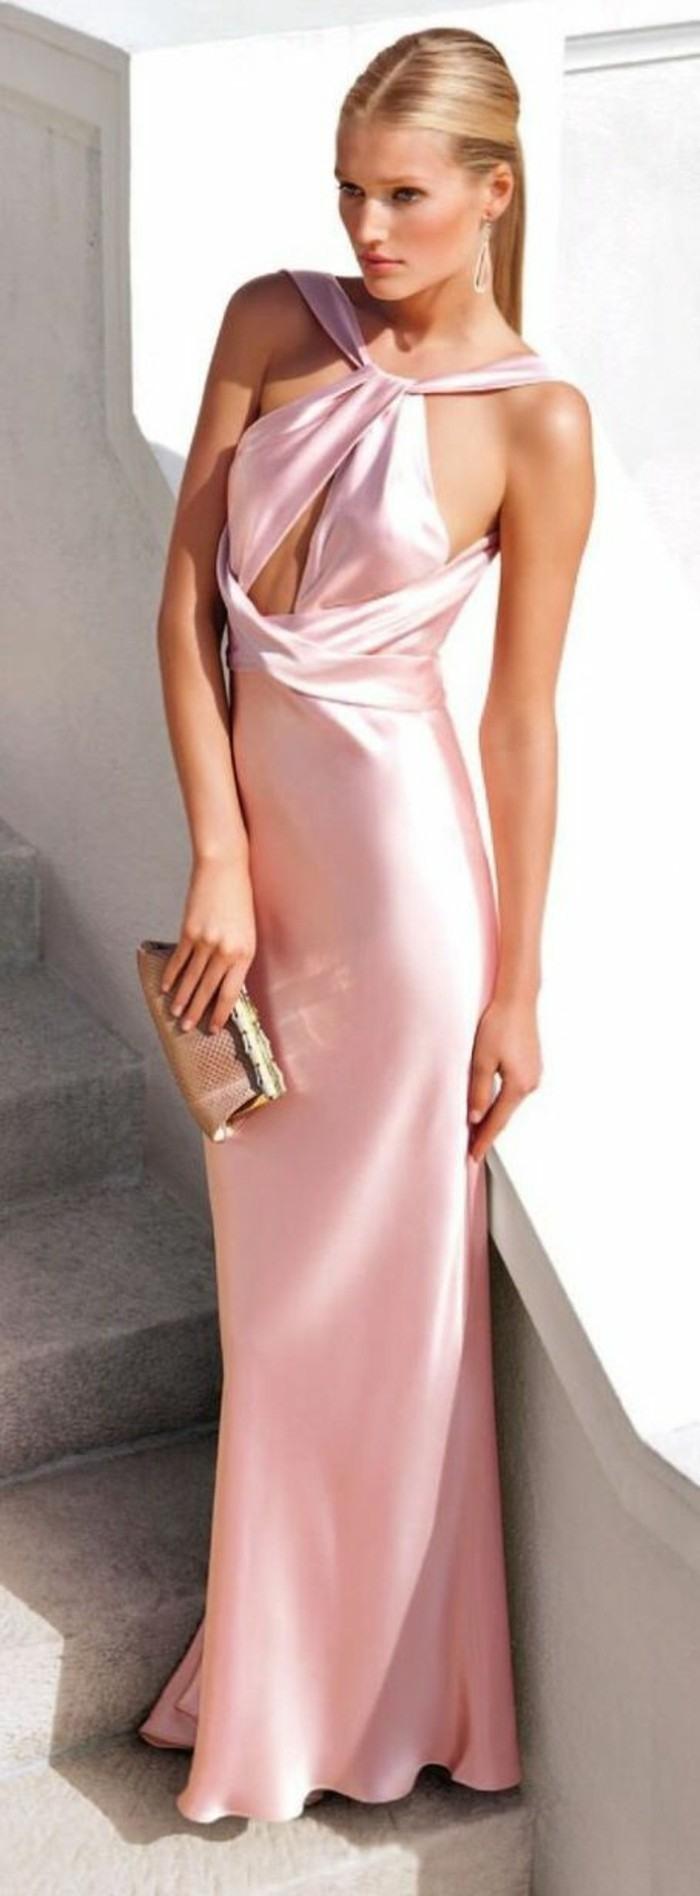 13 Genial Elegante Kleider Für Hochzeit Kurz Stylish